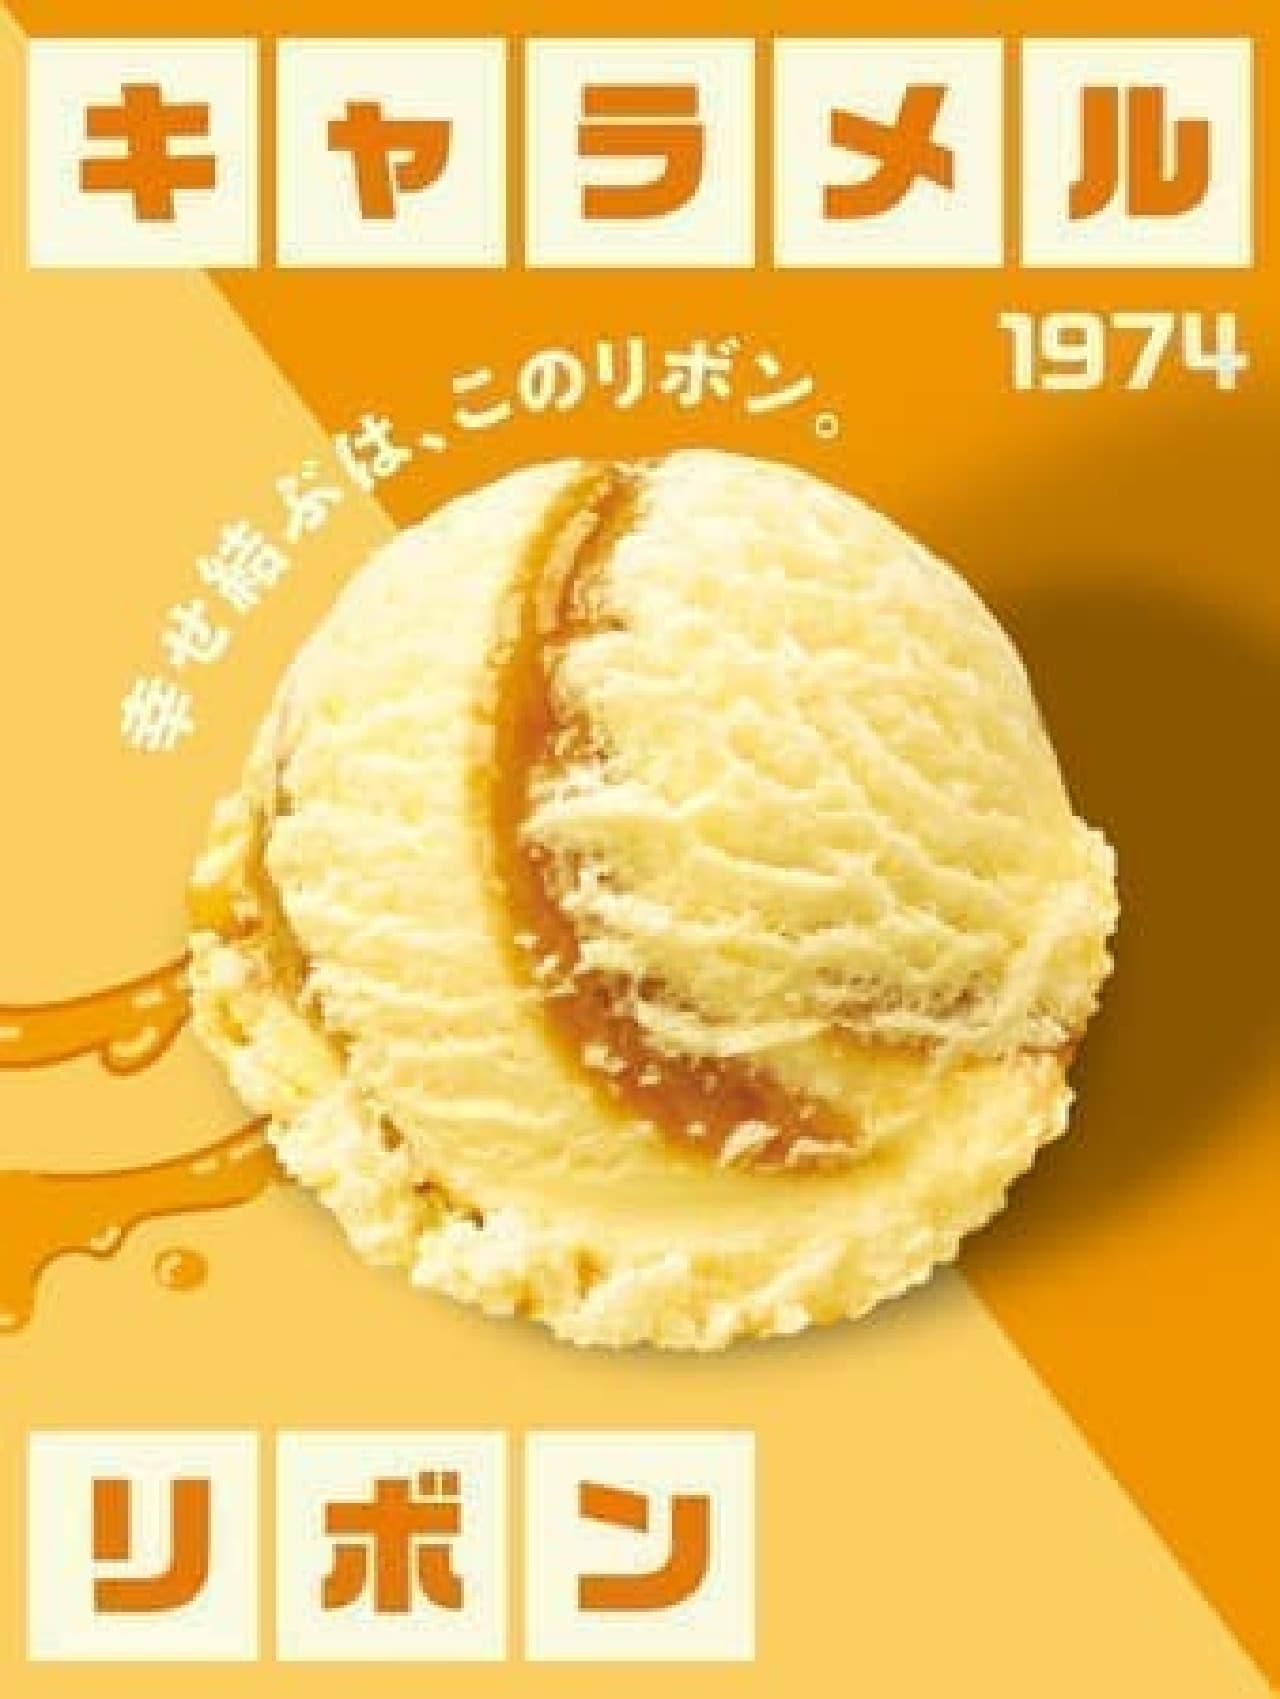 サーティワン アイスクリーム「キャラメルリボン」